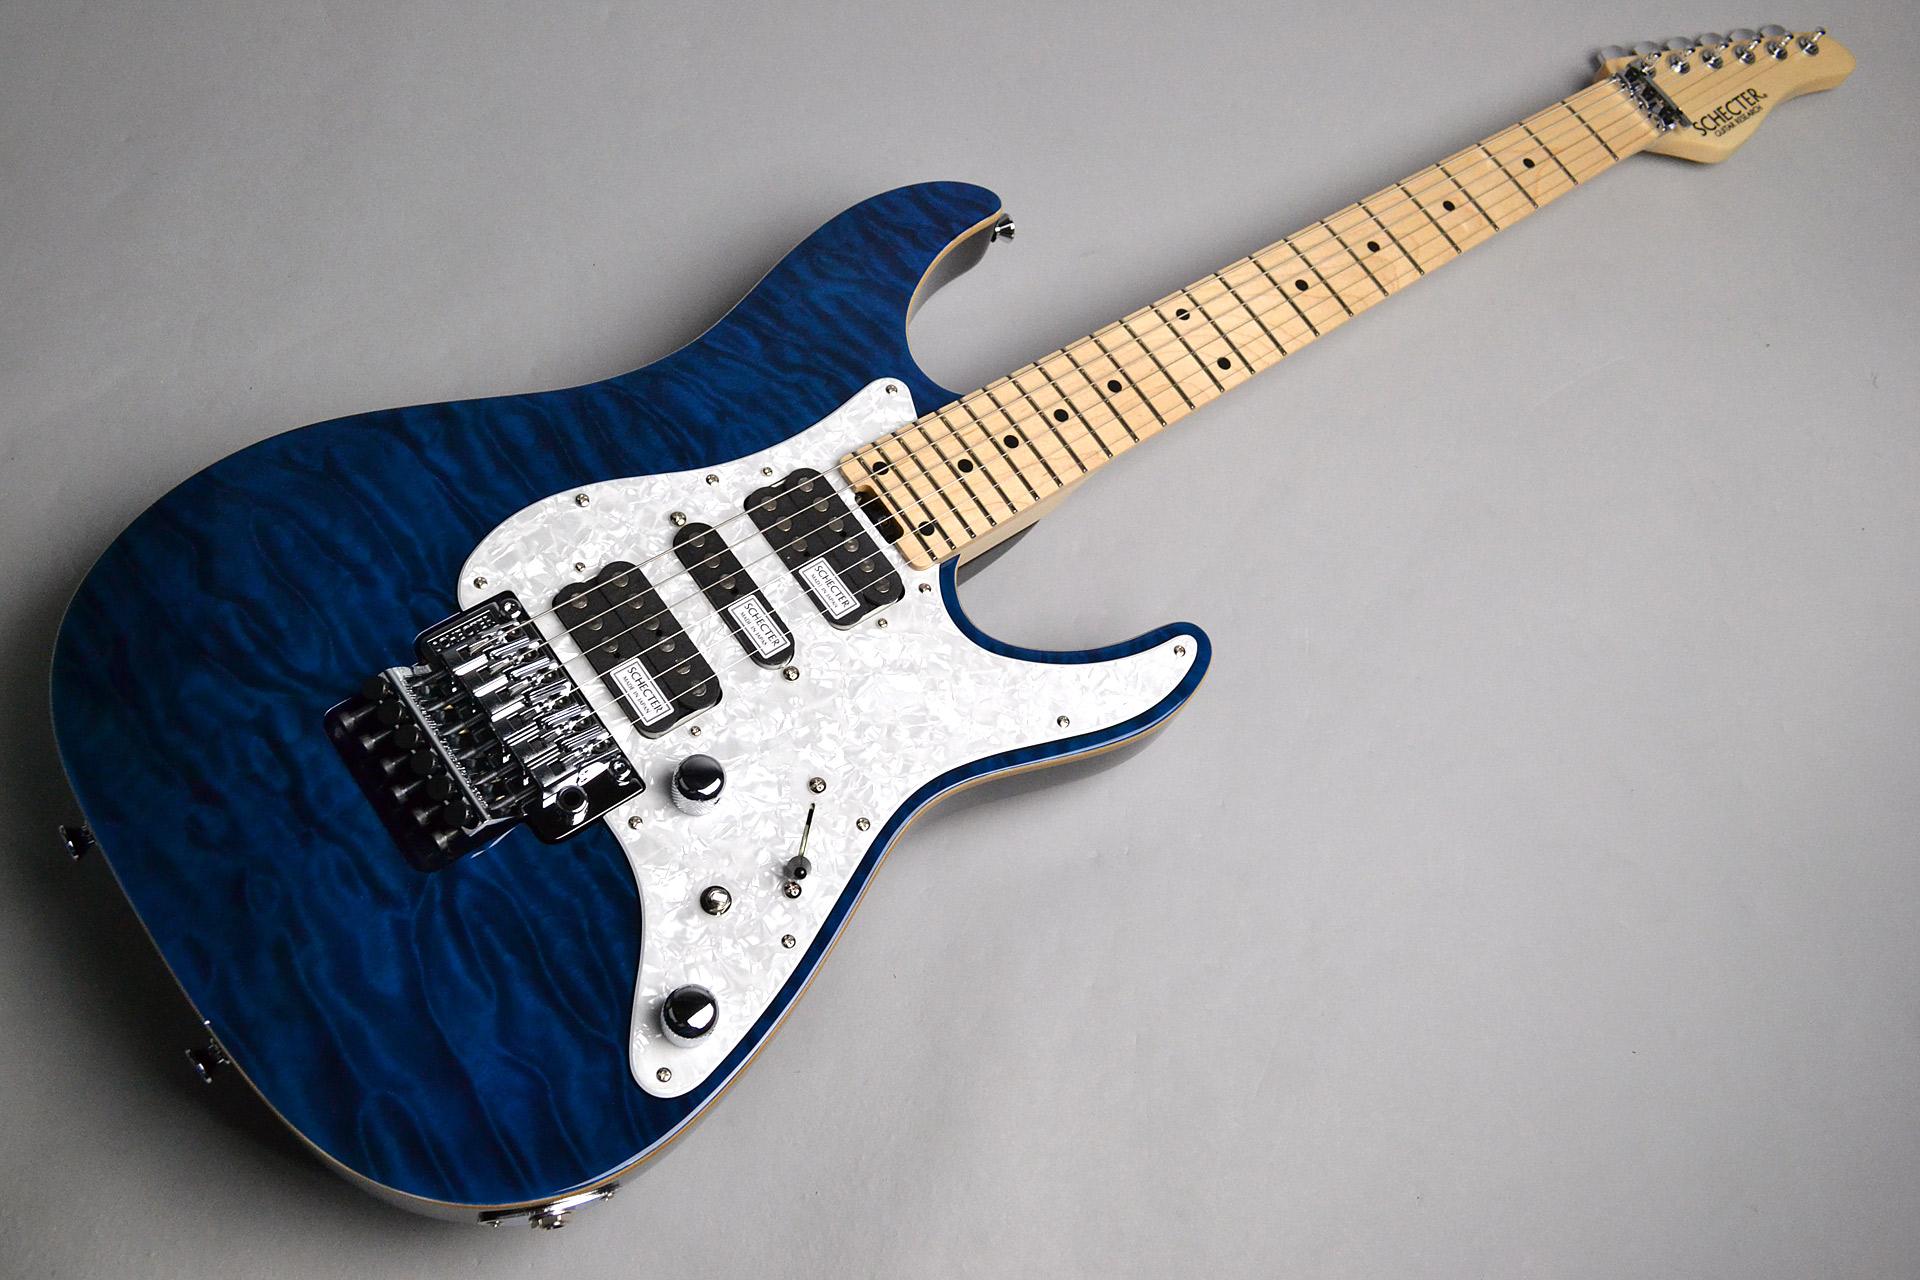 SD-2-24-AL/M BLUE